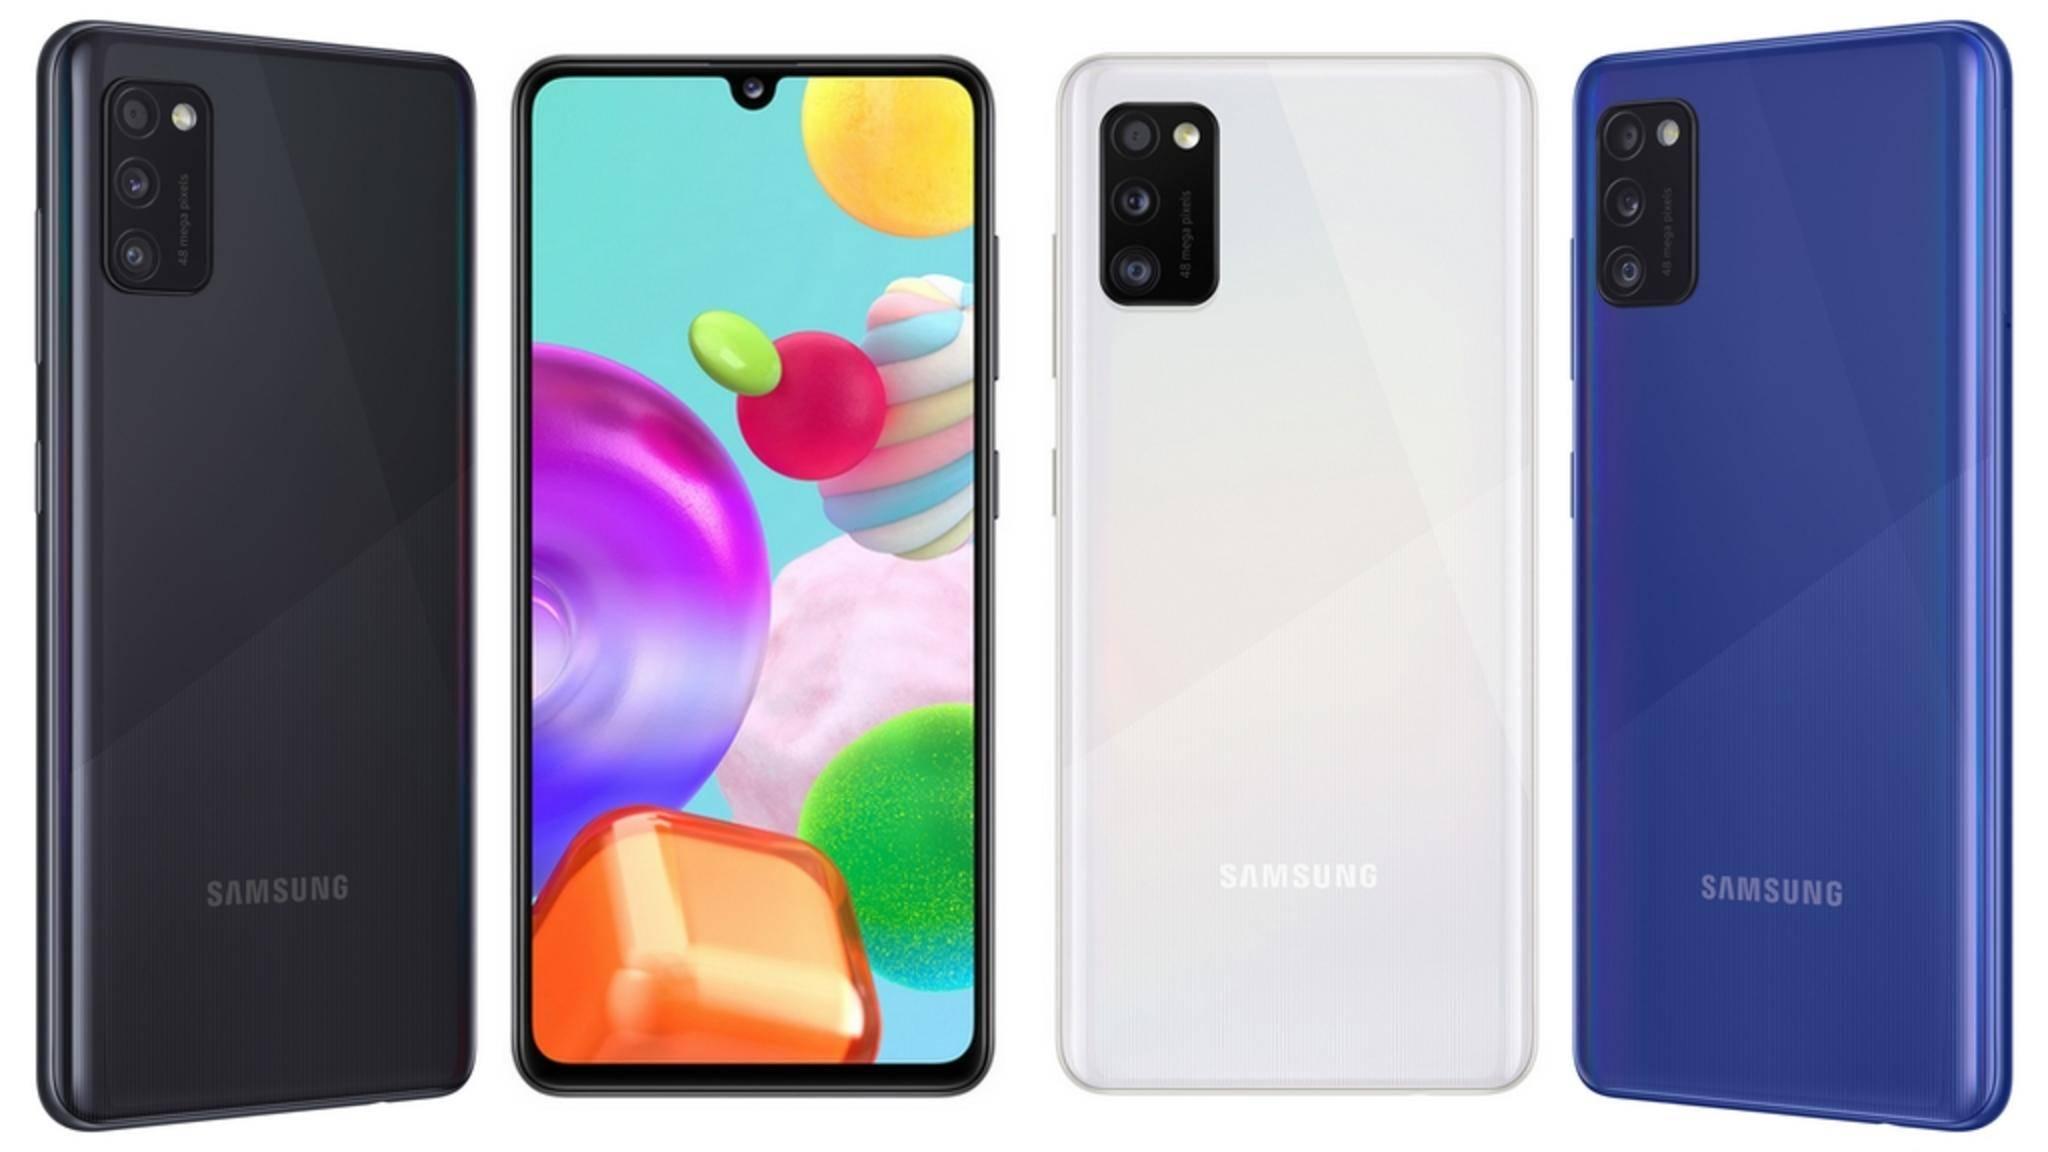 Das Galaxy A41 präsentiert sich im modernen Design.